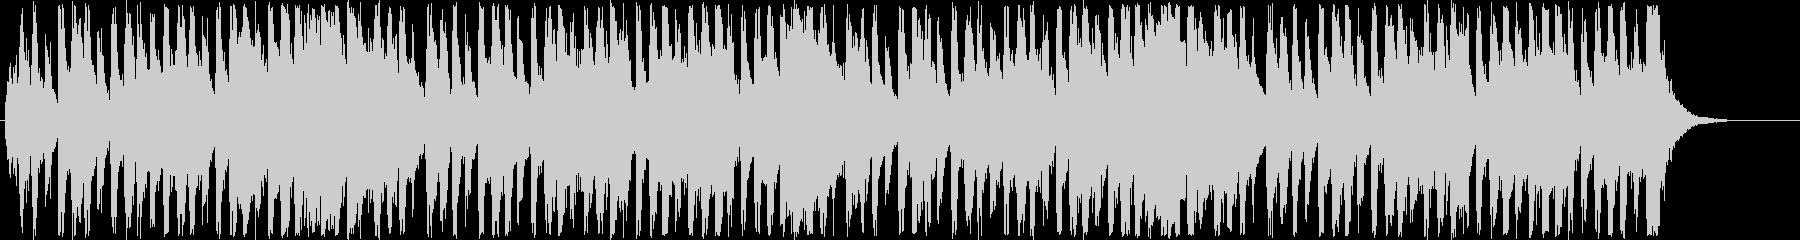 明るいメルヘン調のポップミュージックの未再生の波形